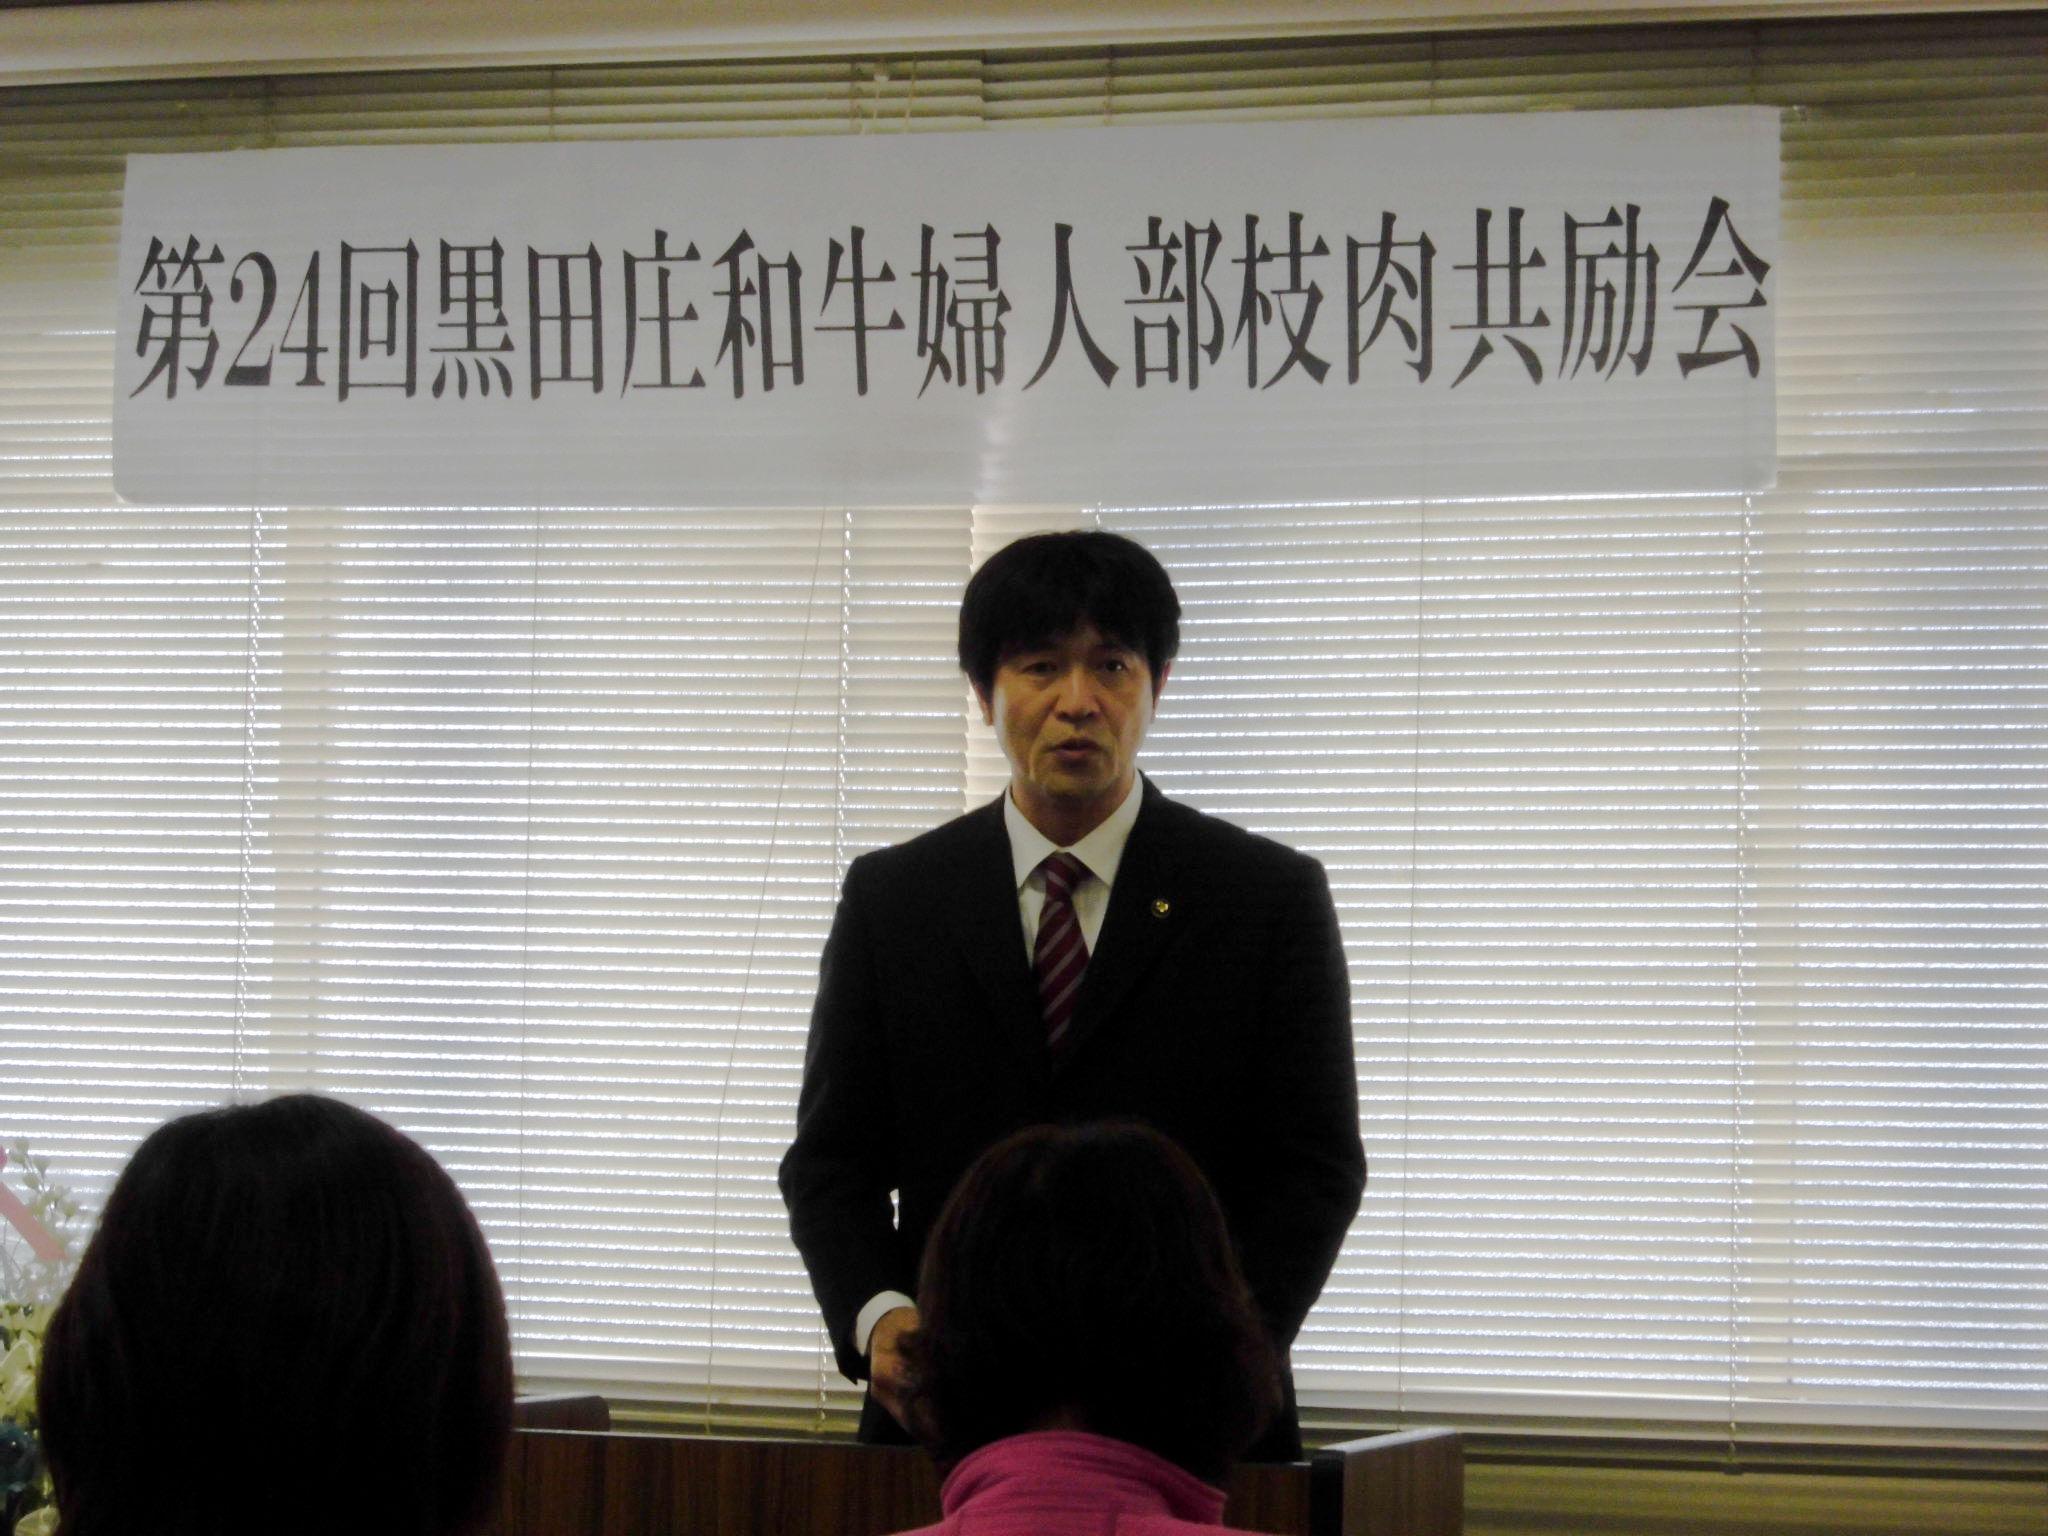 ようこそ加古川食肉公社へ最新のお知らせ